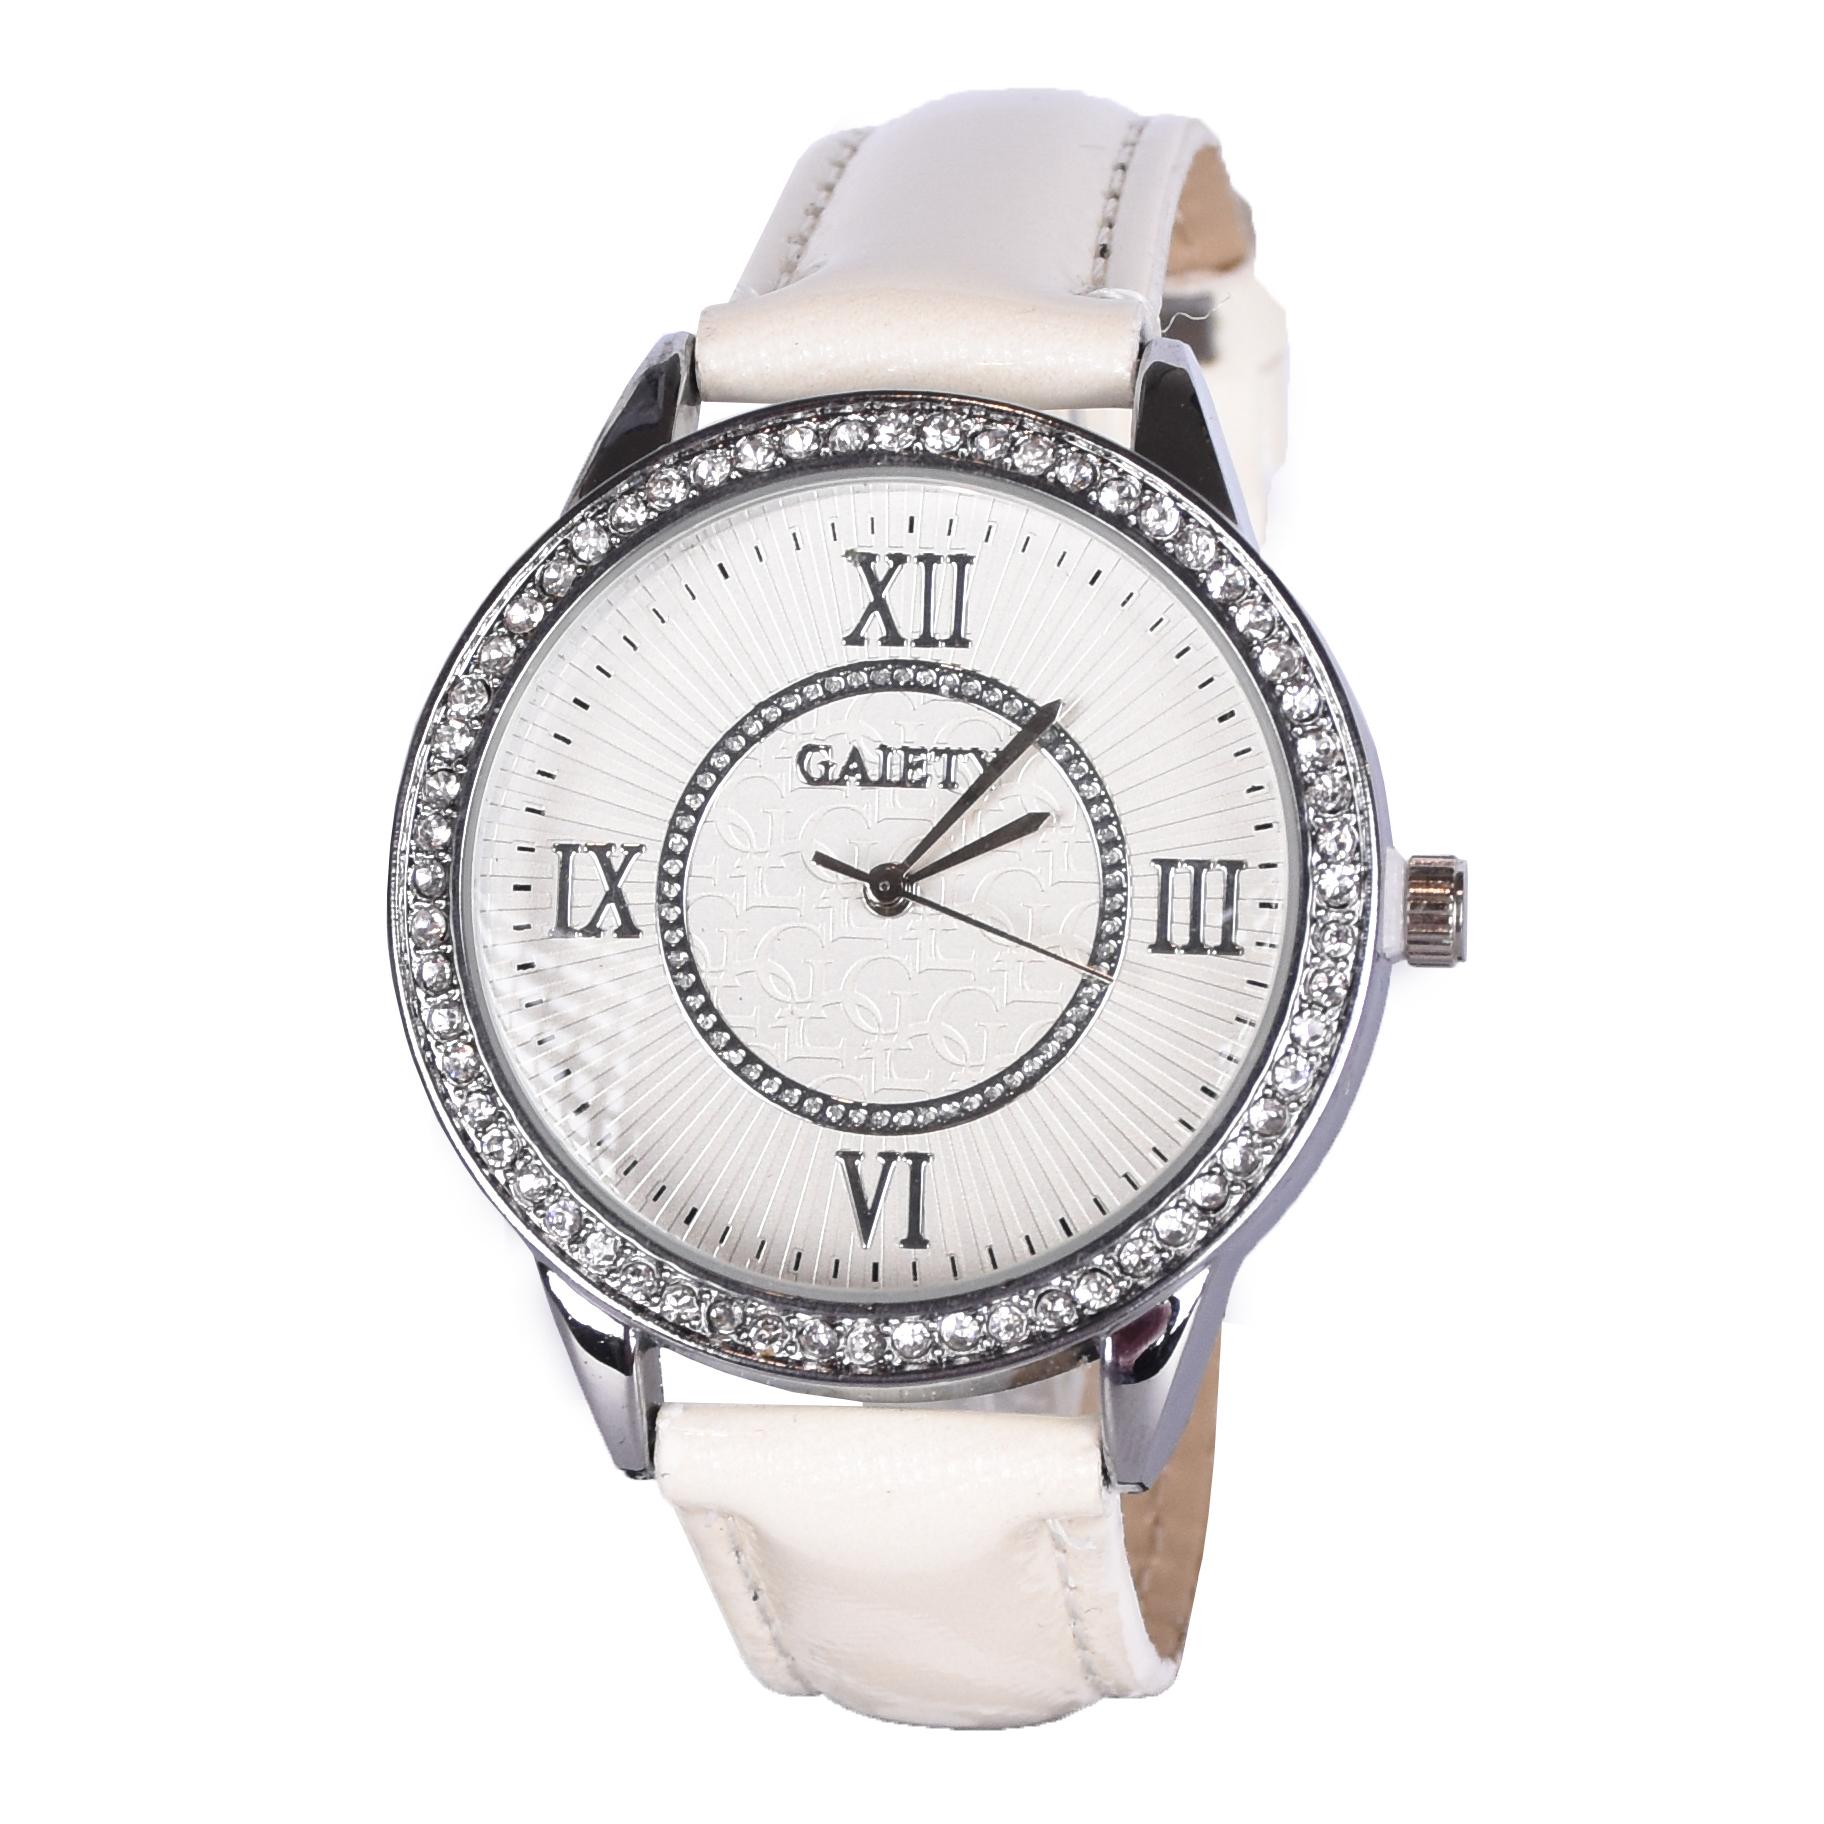 ساعت مچی عقربه ای زنانه گایتی کد G101              خرید (⭐️⭐️⭐️)